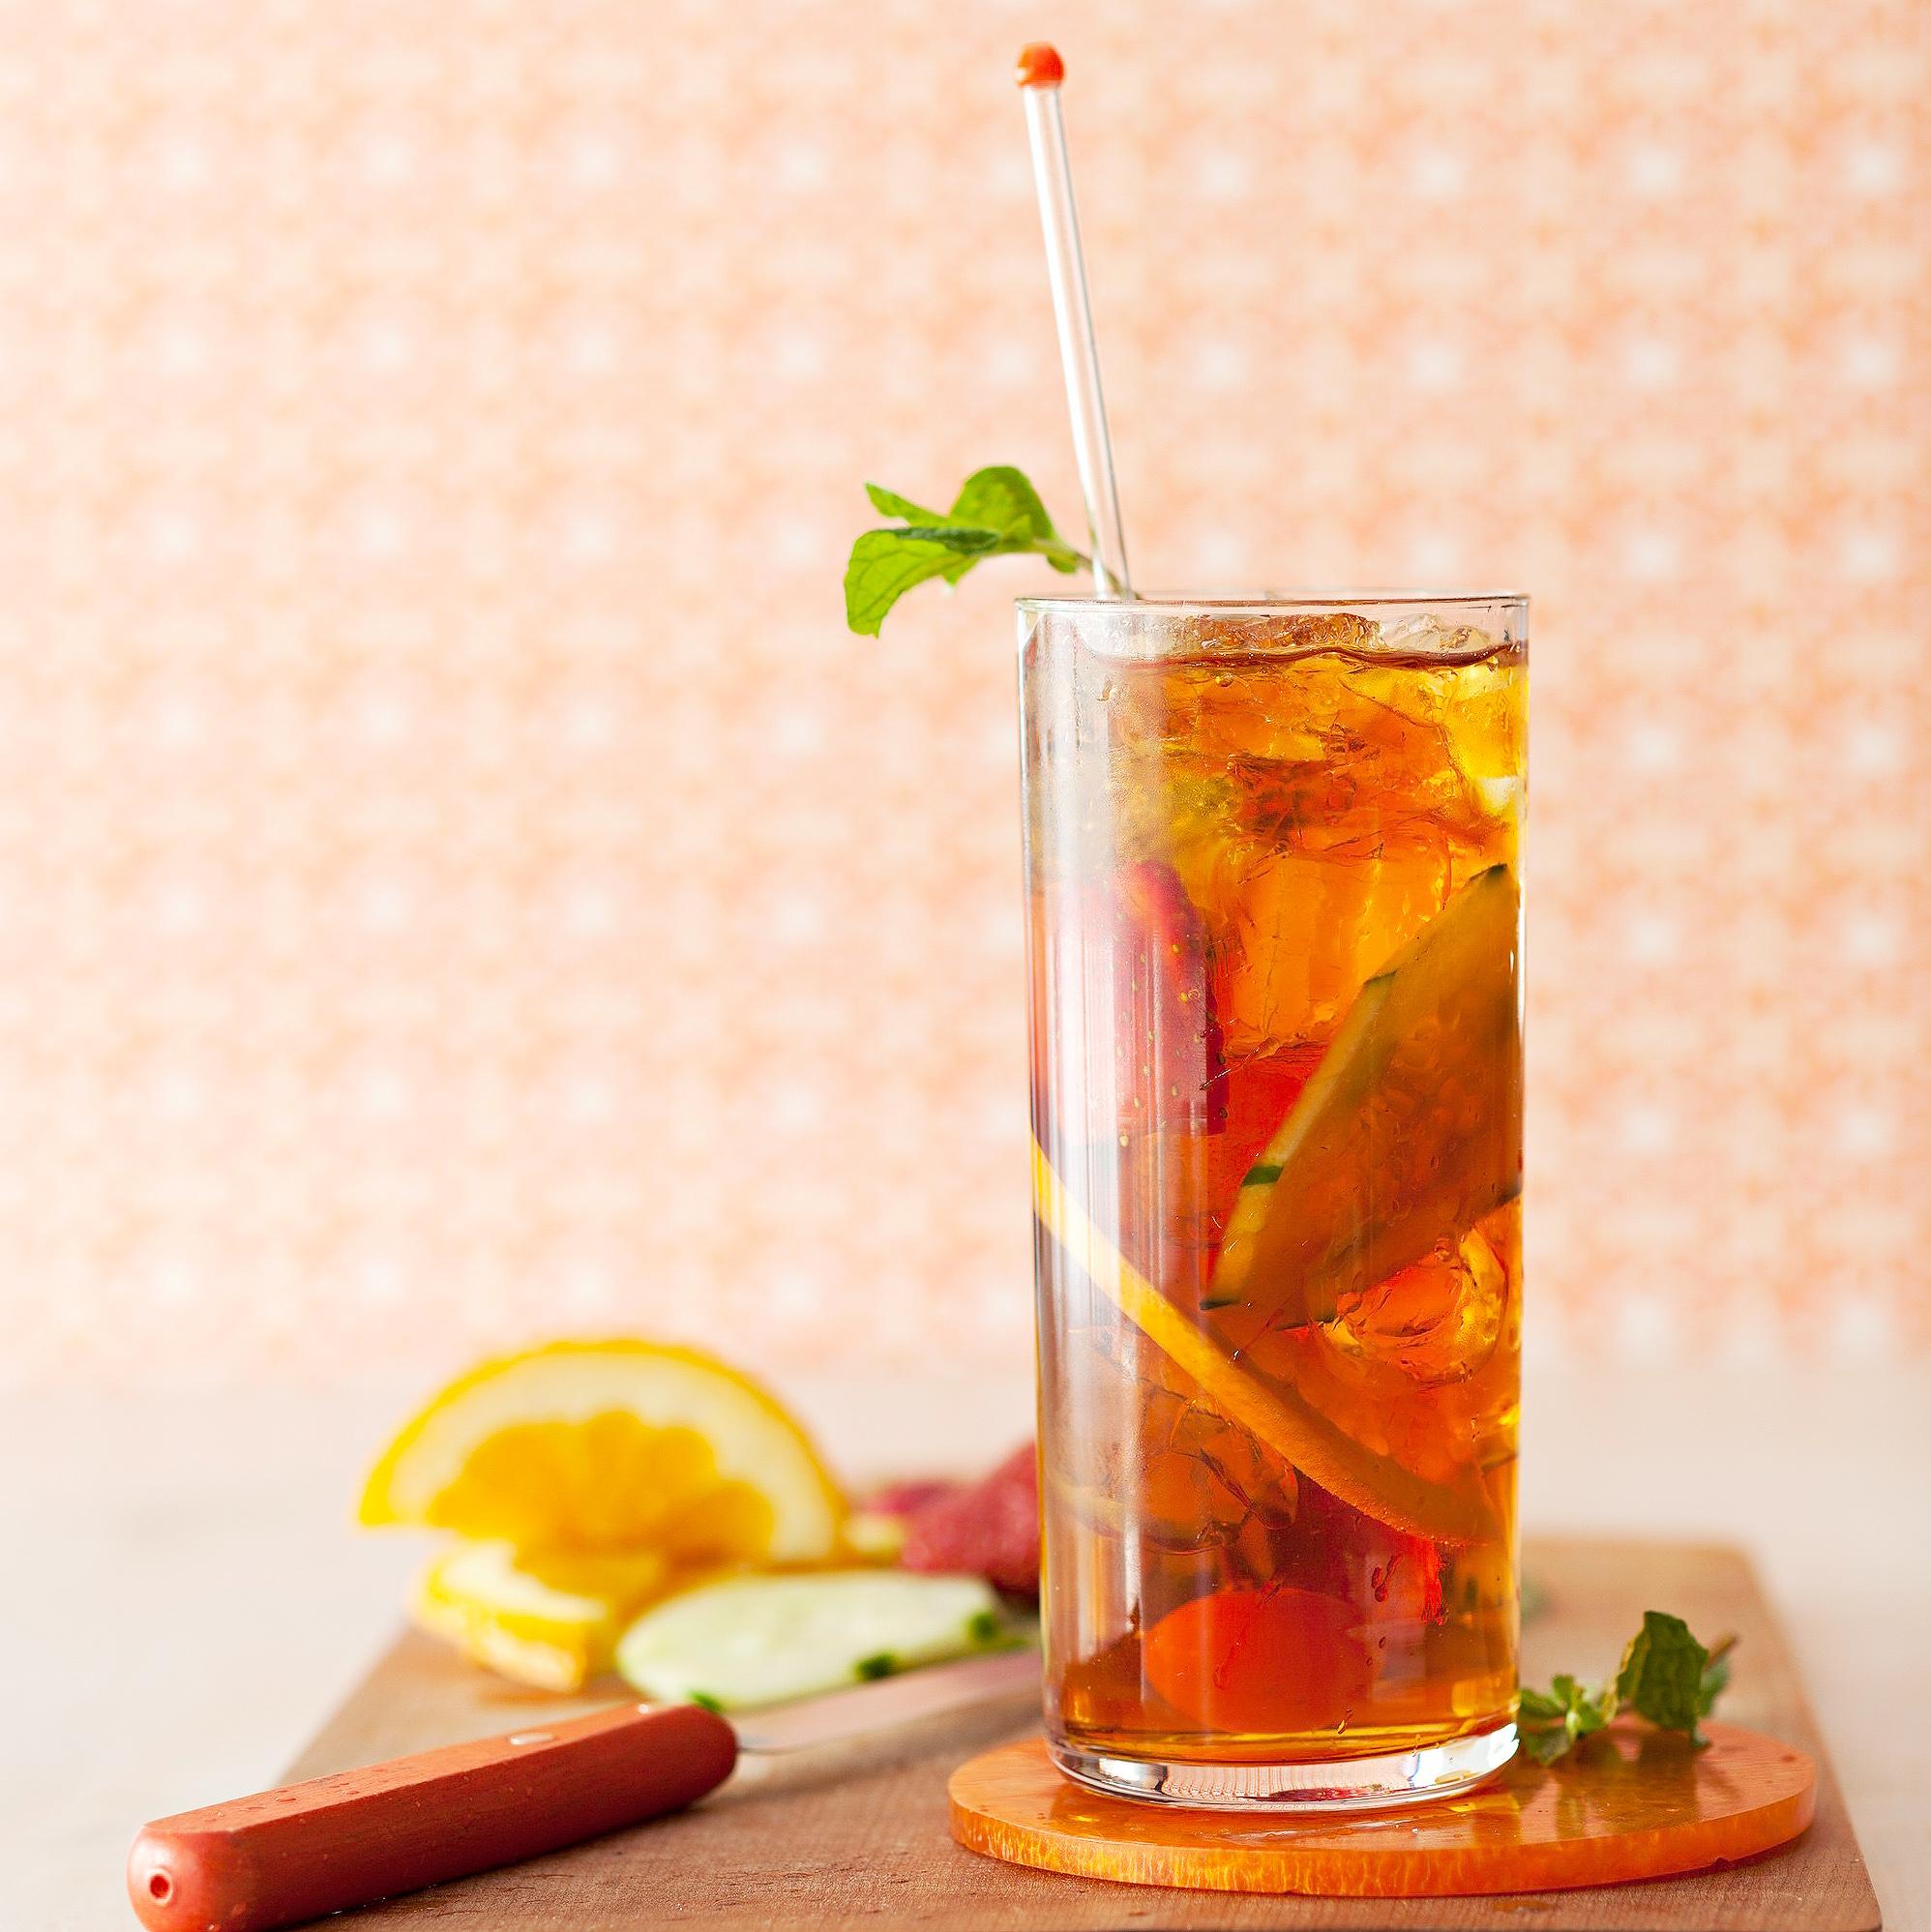 pimms-cocktails-101879827